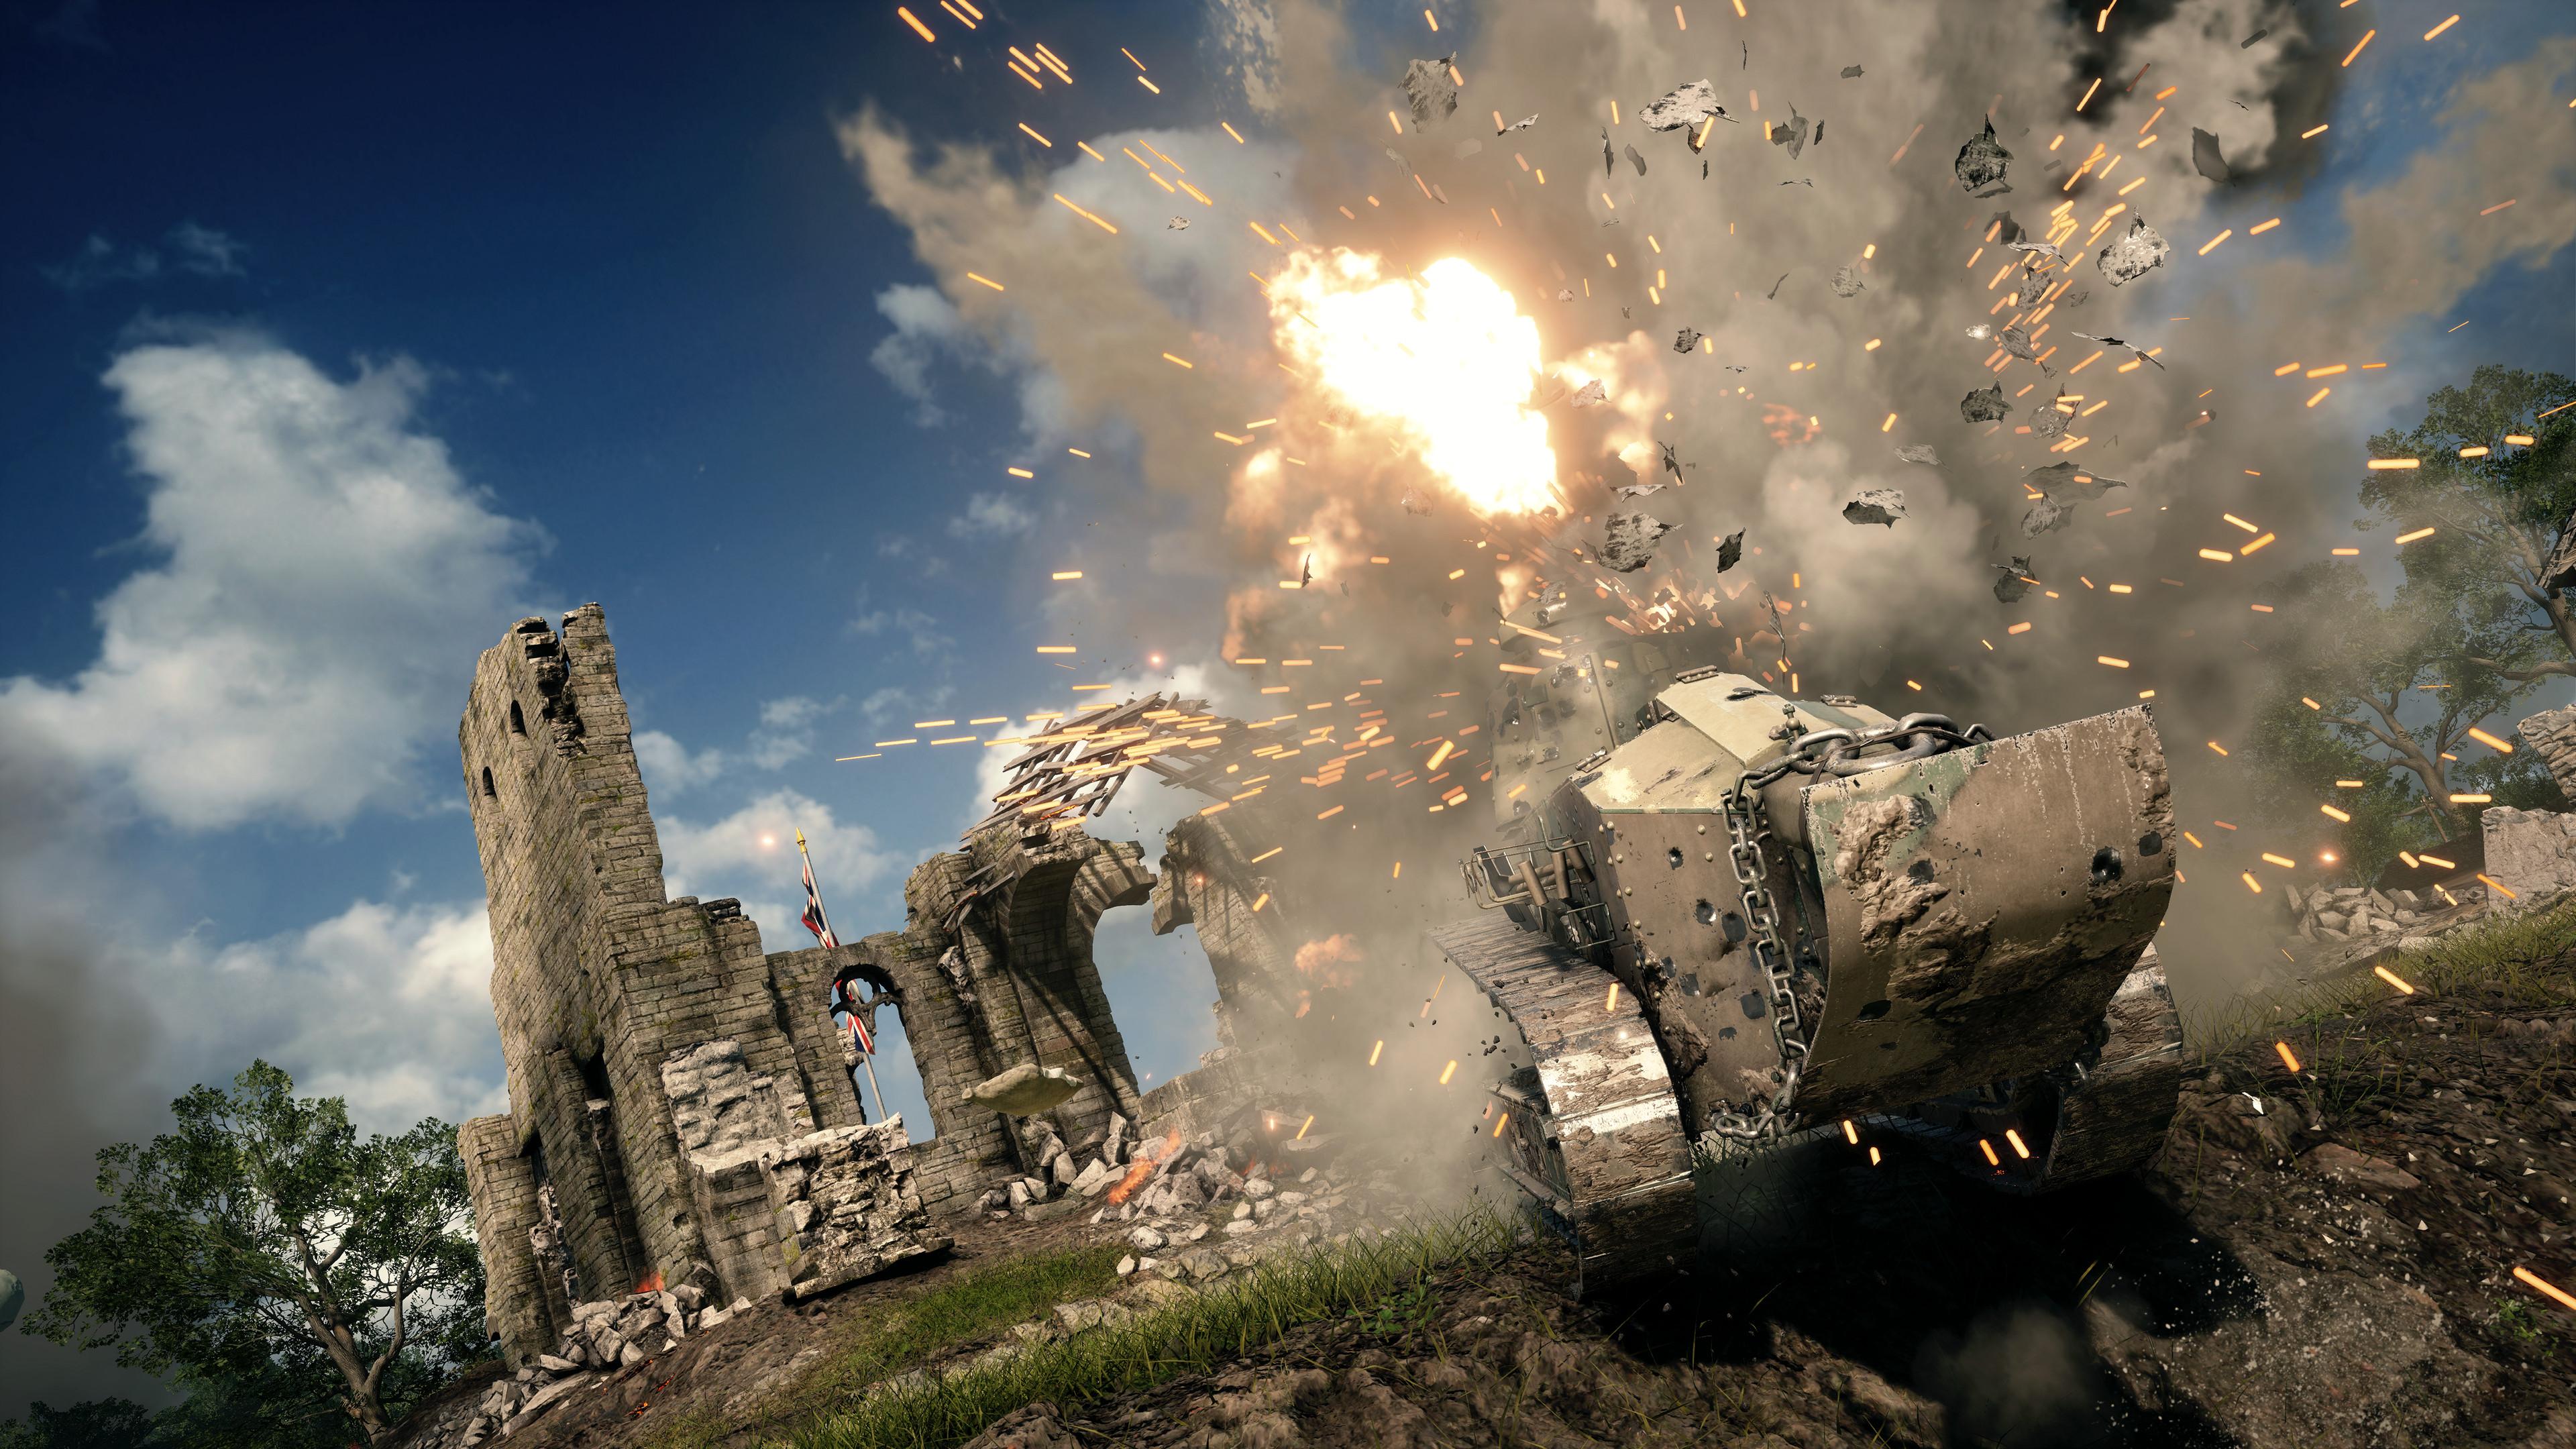 Battlefield 1 4k Ultra Tapeta Hd: Battlefield 1 4k Ultra HD Wallpaper